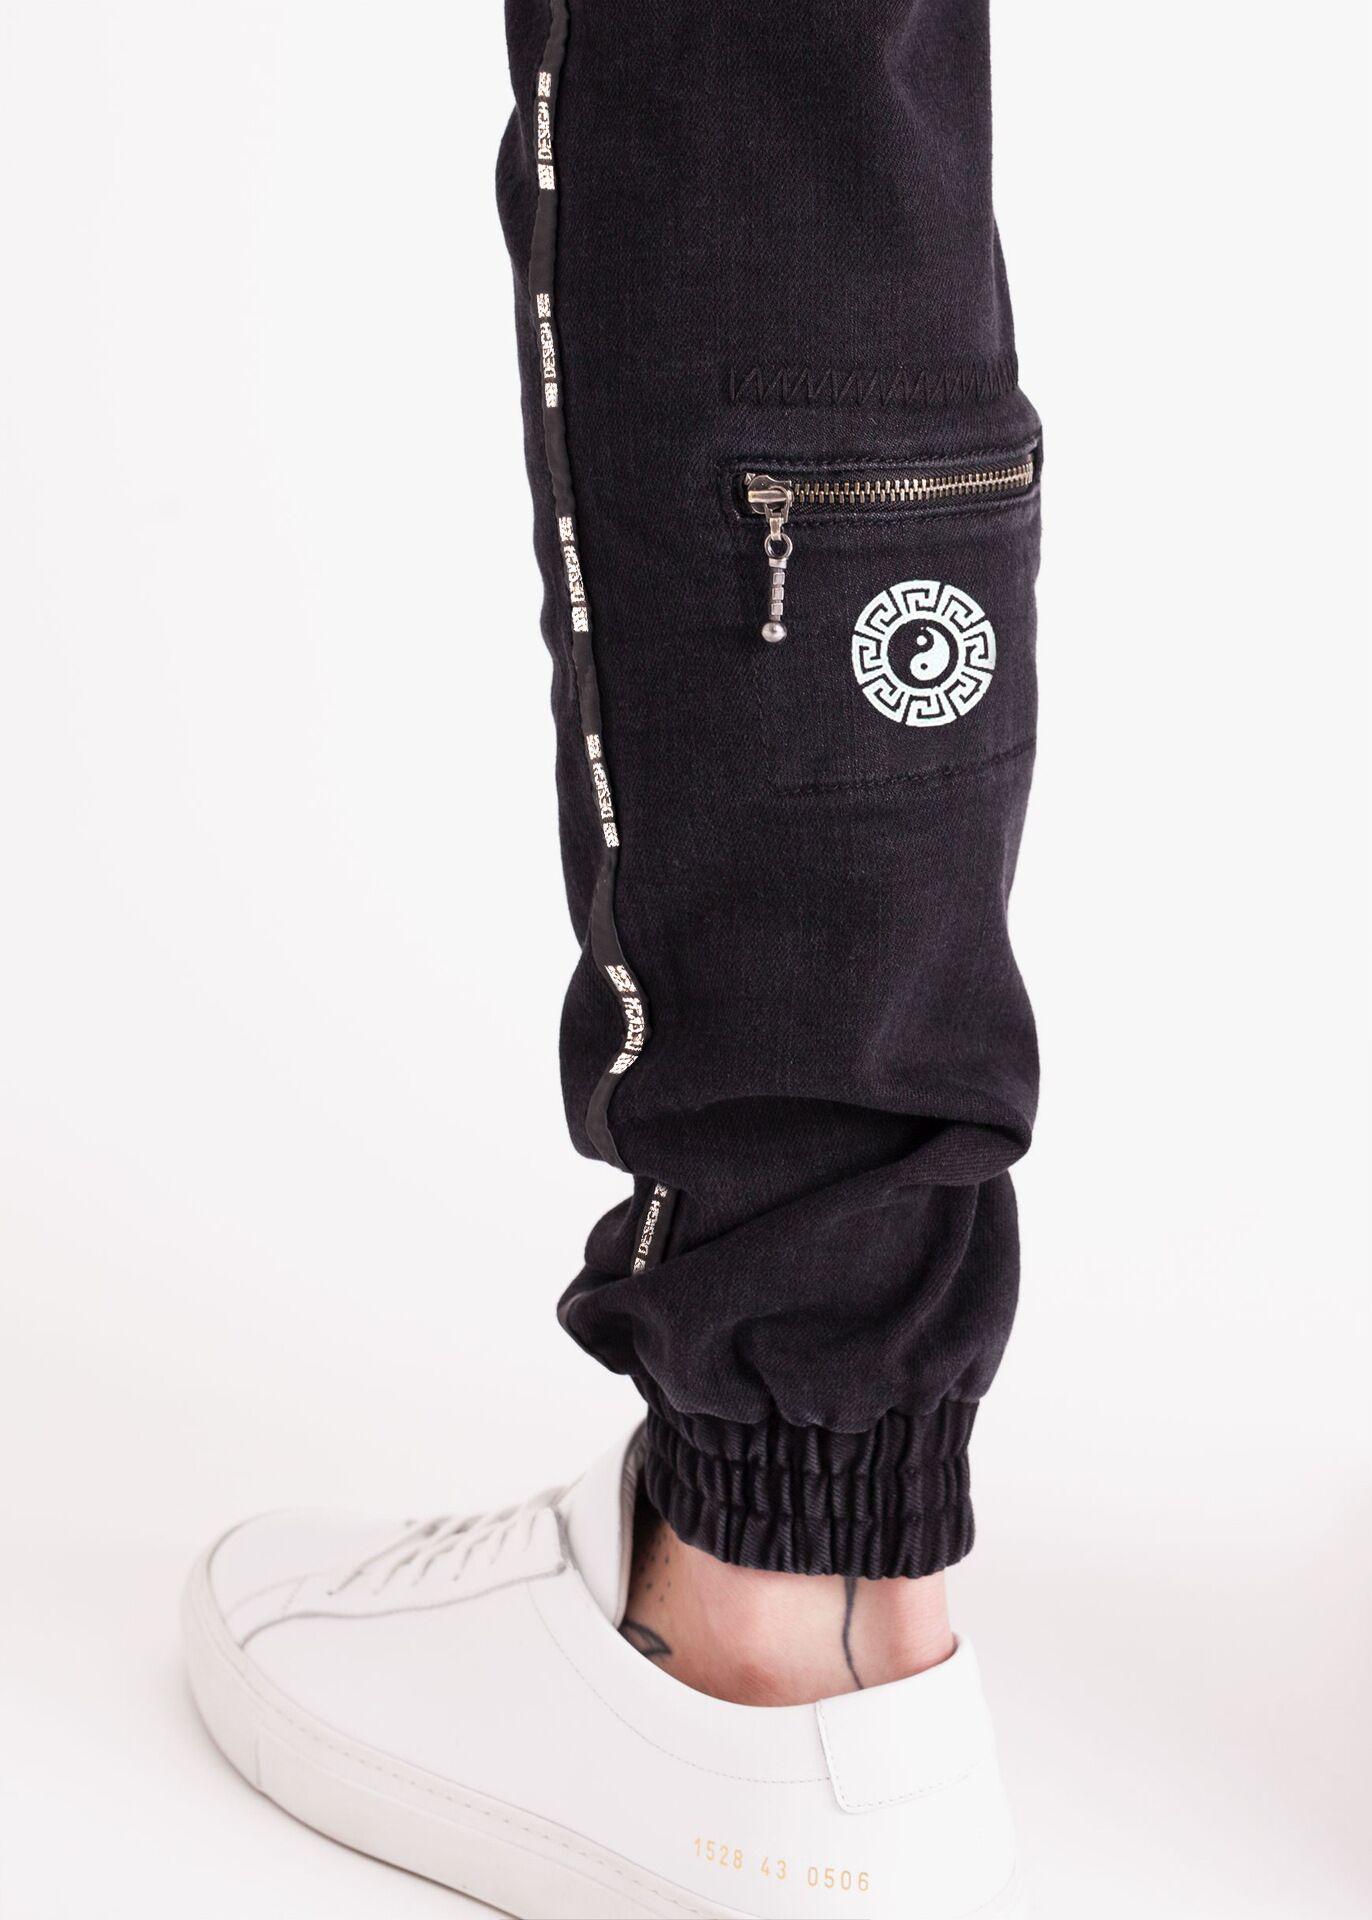 bc2ee244c Compre Tallas Grandes Pantalones Vaqueros De Hombre CALIENTE Explosión  Modelos Jogger Moda Cintura Elástica De Los Hombres Pantalones De Mezclilla  TAMAÑO S ...